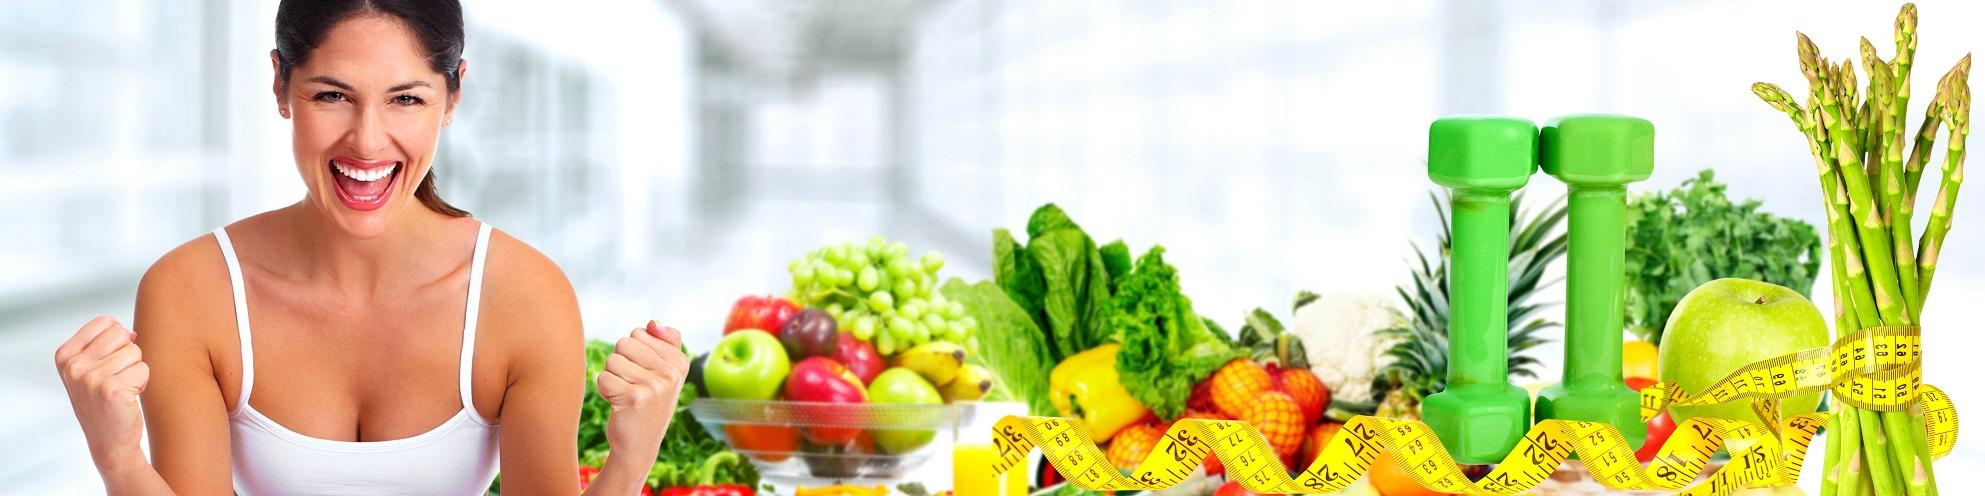 régime brule graisse